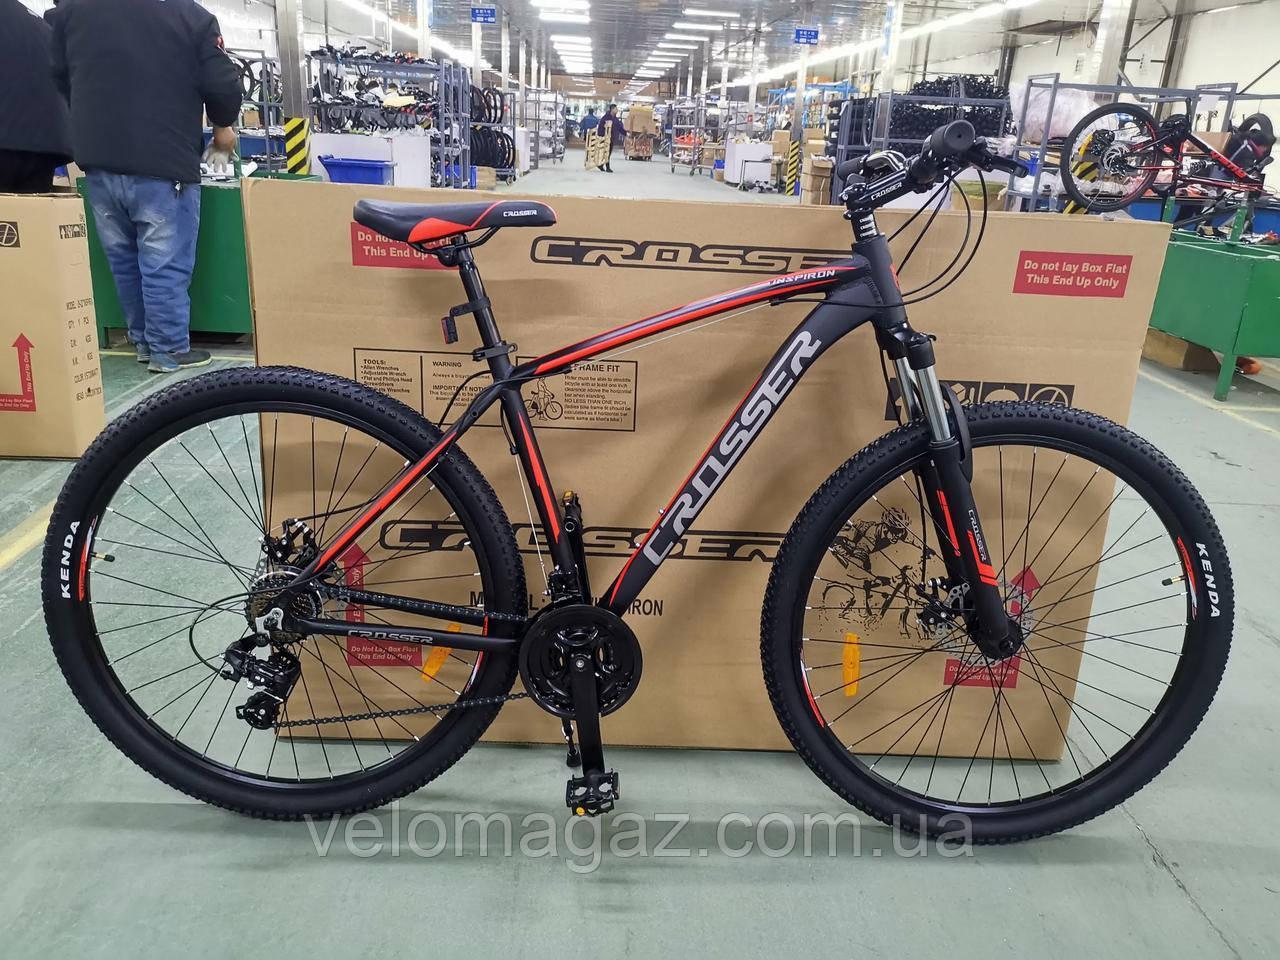 """Велосипед Crosser Inspiron 29"""" рама 19"""" черно-красный, горный алюминиевый"""